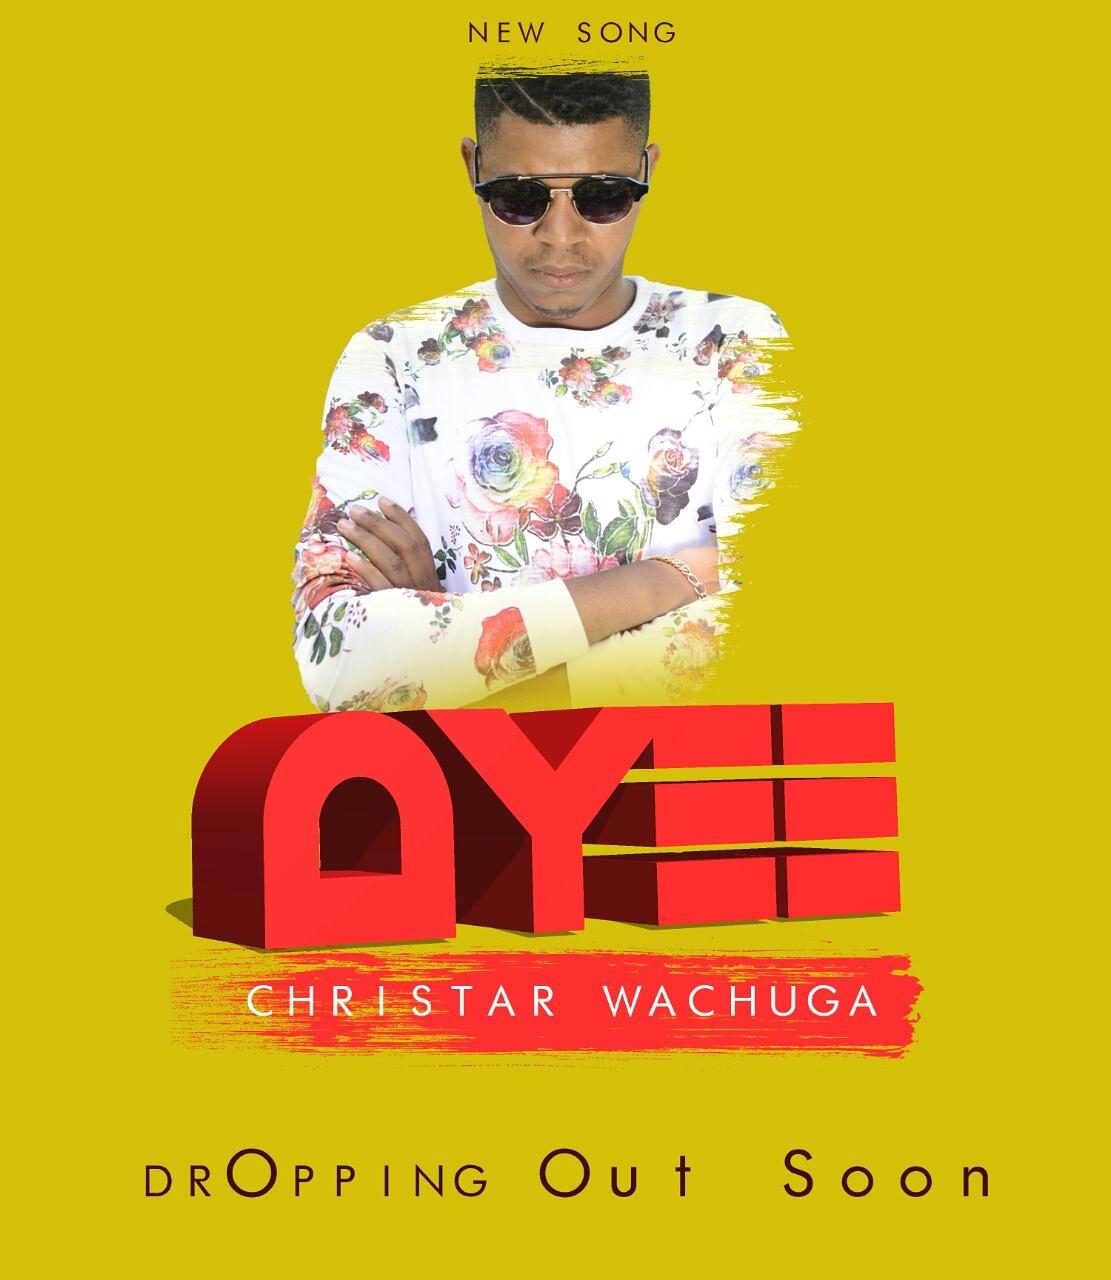 Christar - Ayee